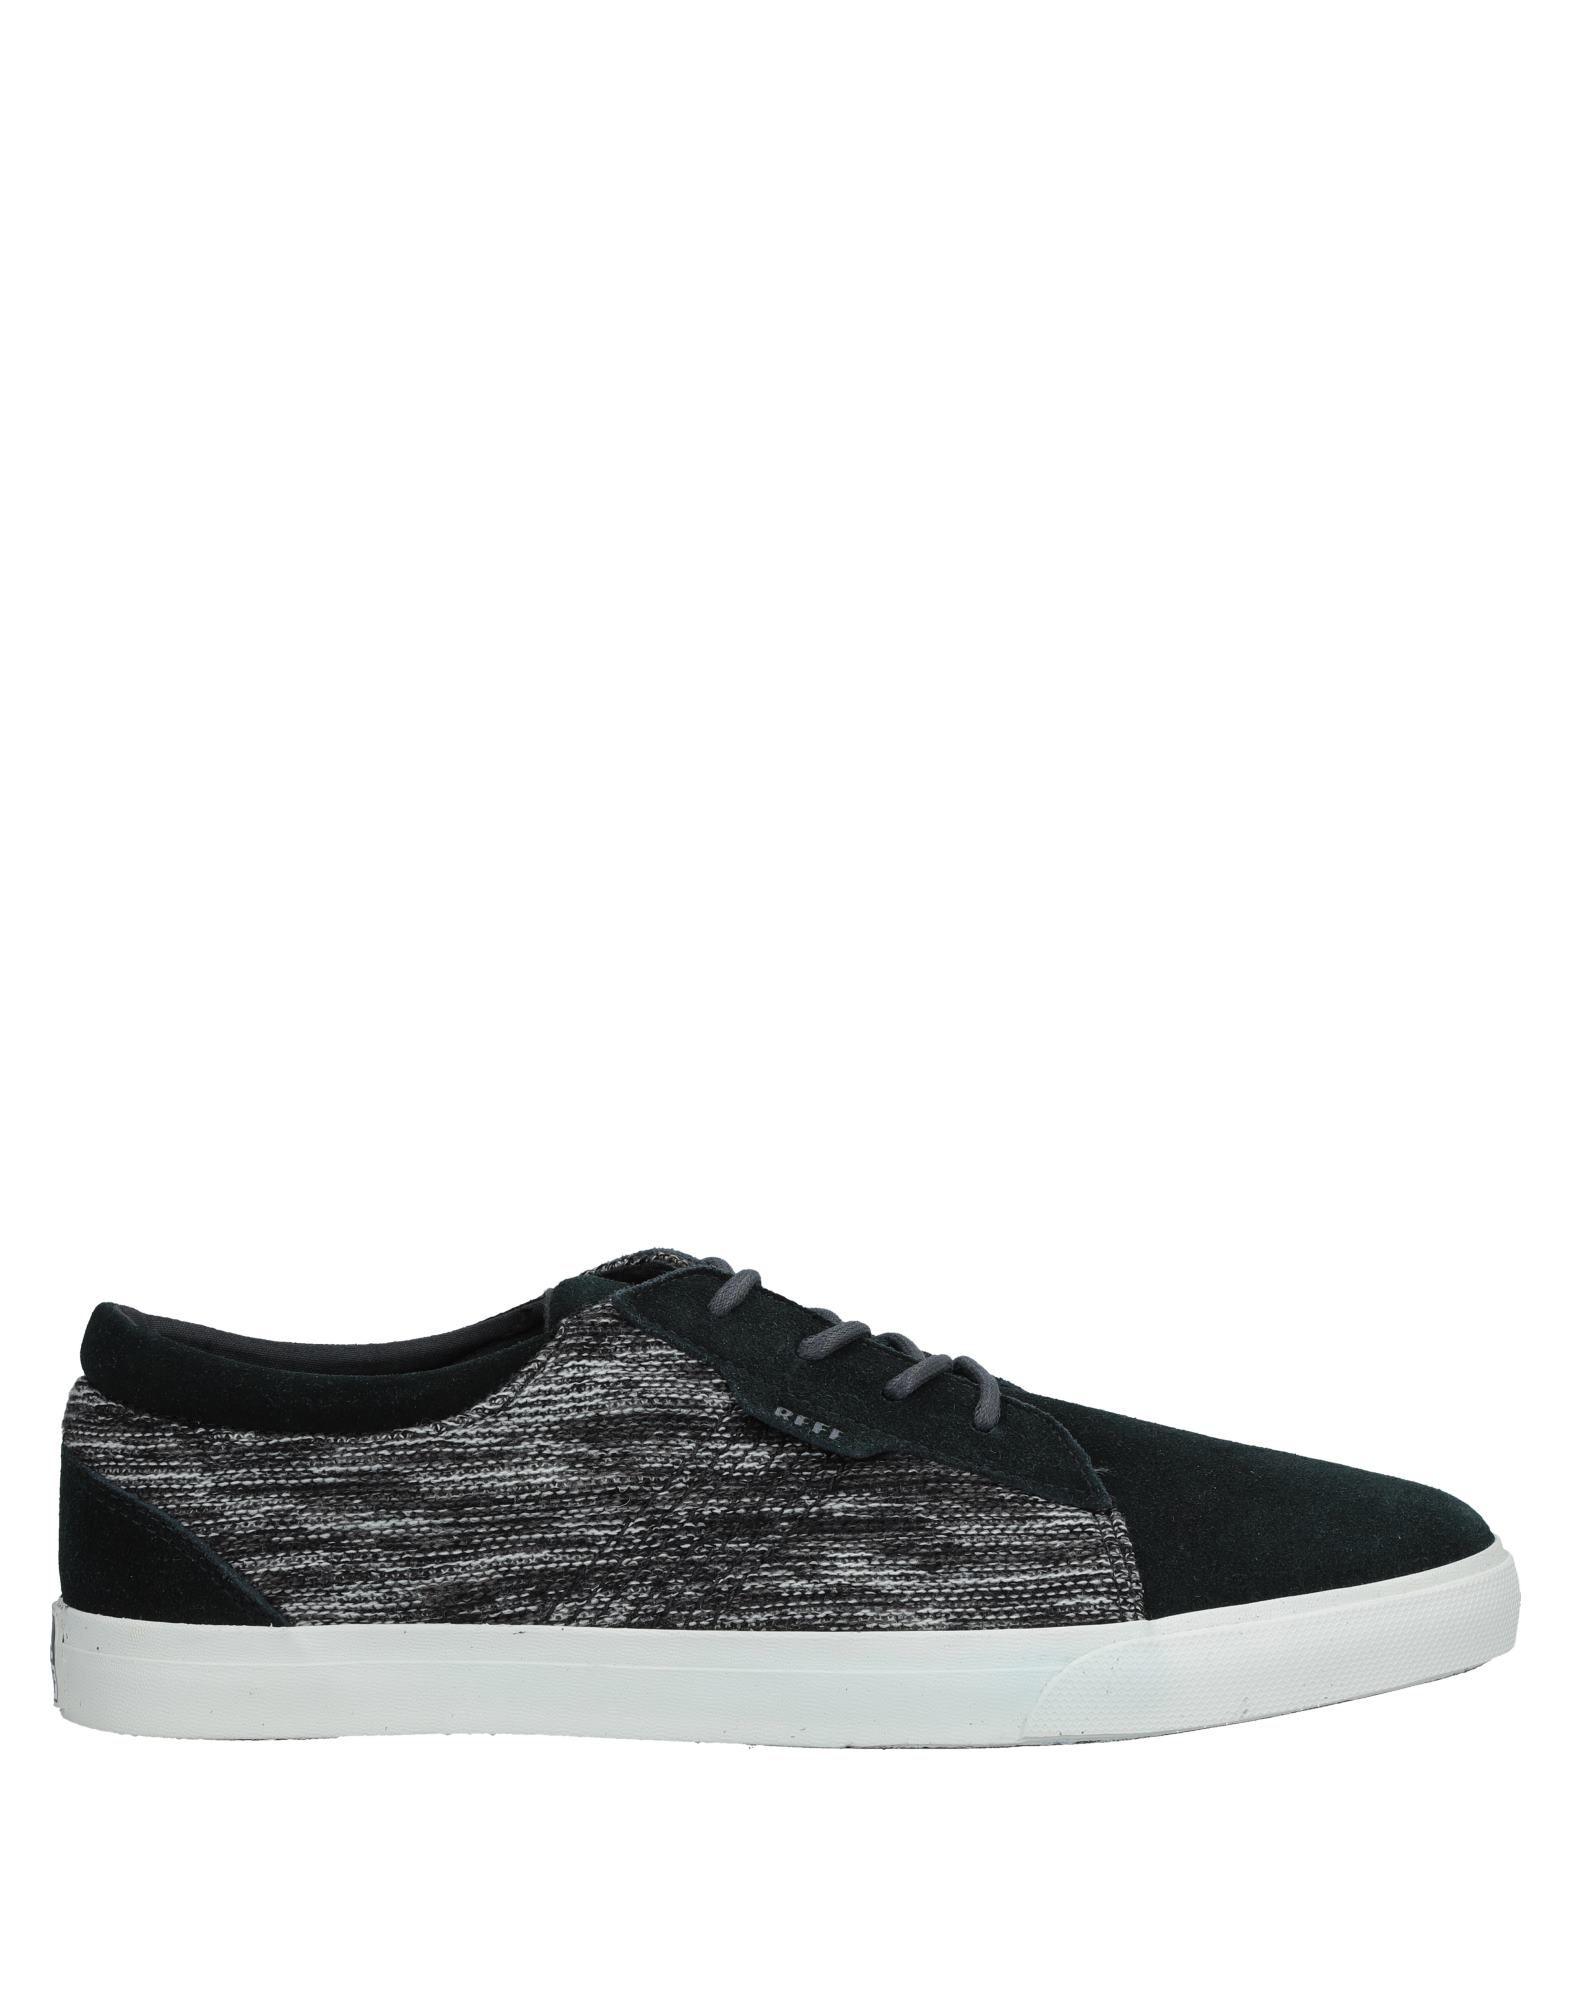 Moda Sneakers Reef Uomo - 11536039GR 11536039GR - 0b3041